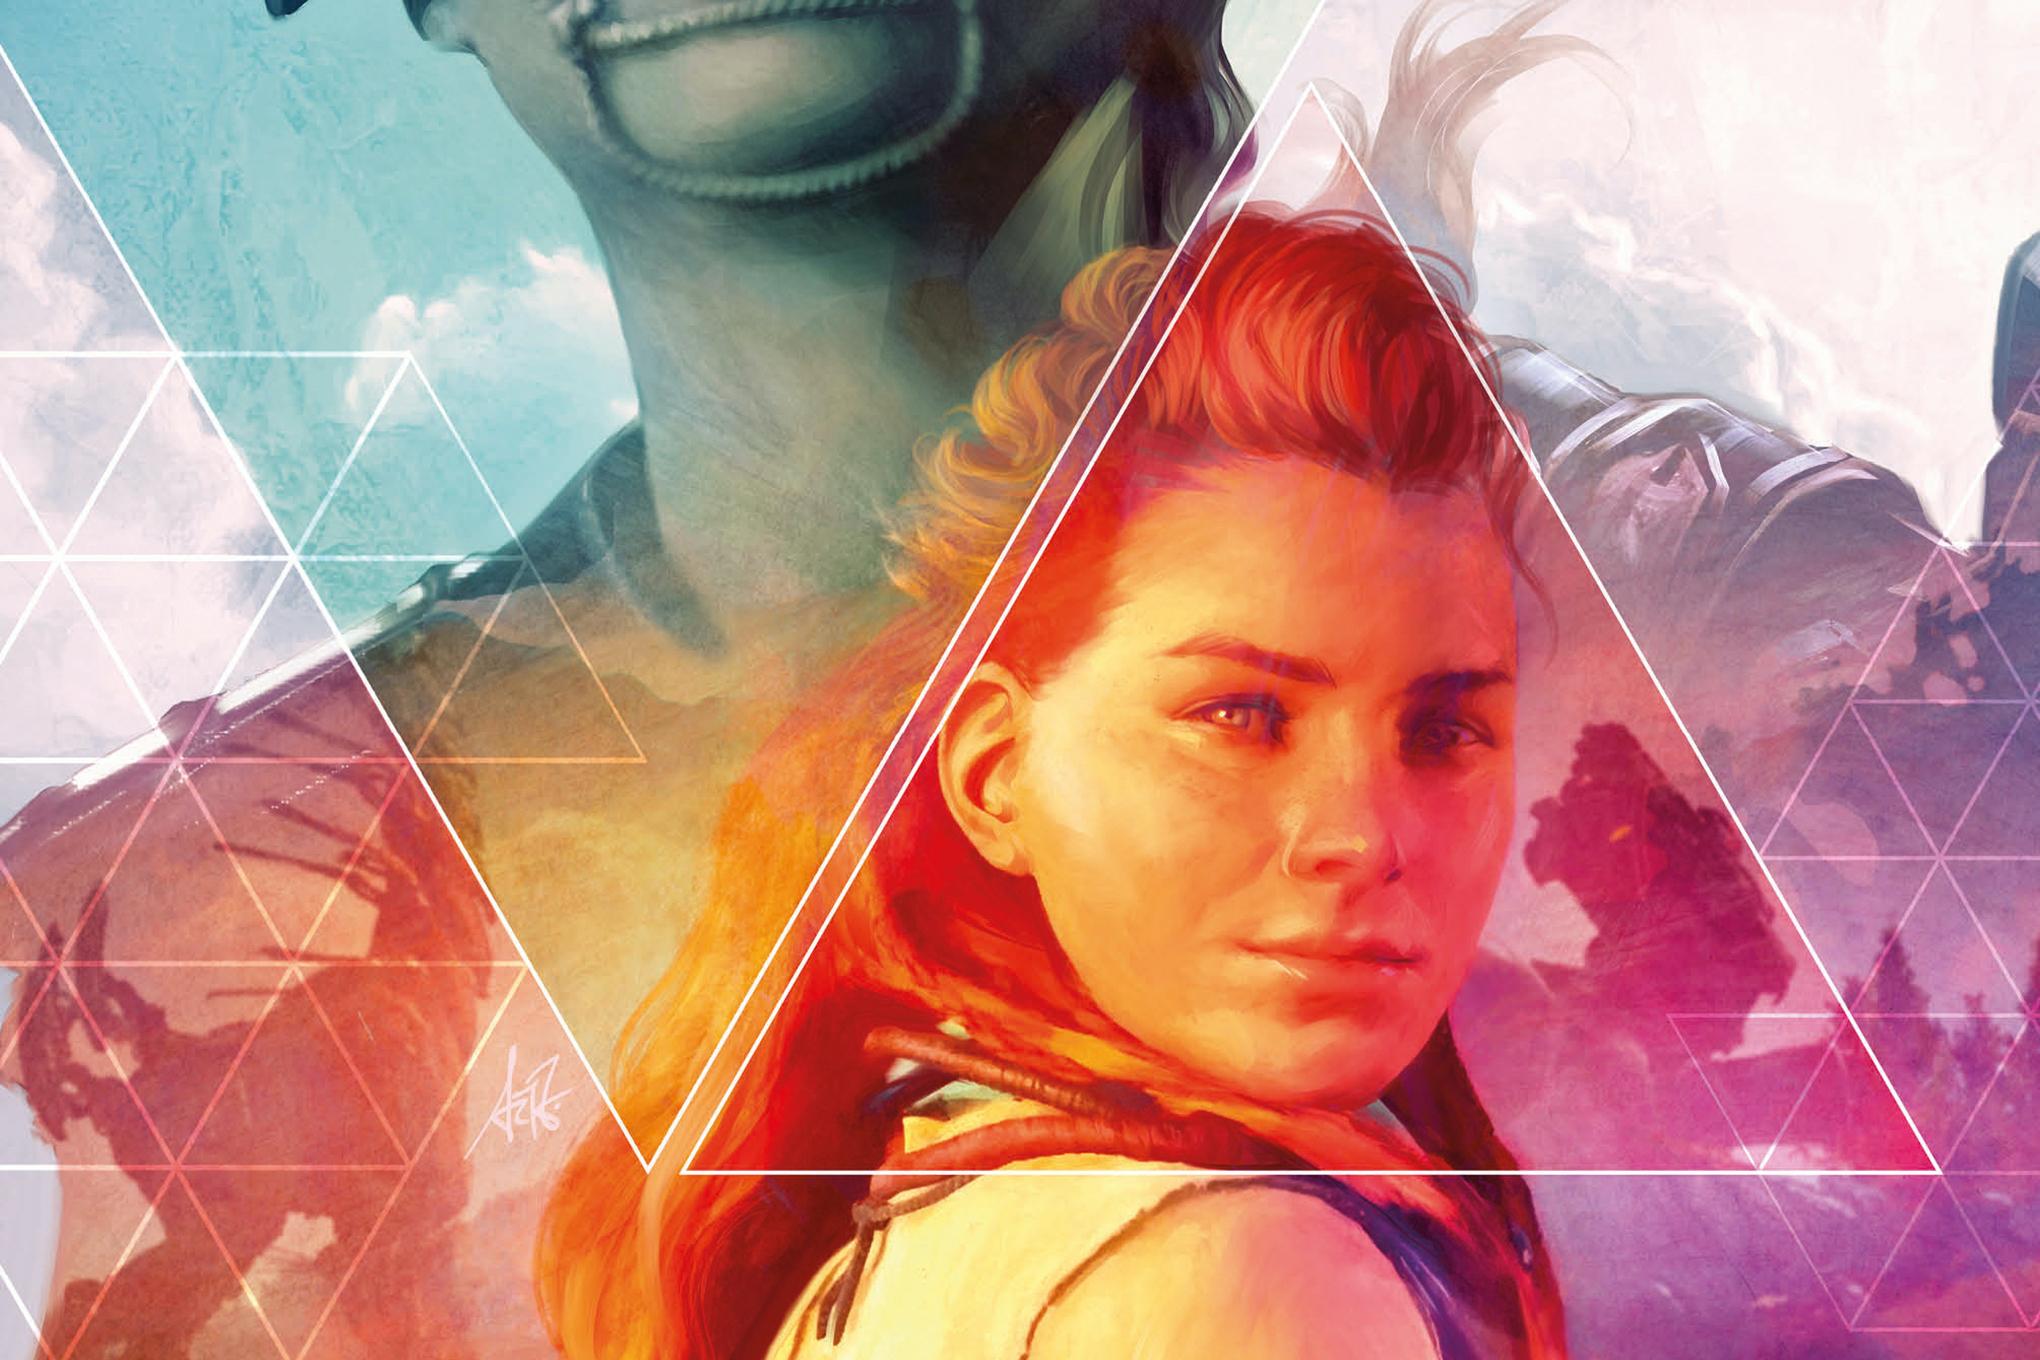 Aloy on the cover of Horizon Zero Dawn #1, Titan Comics (2020).